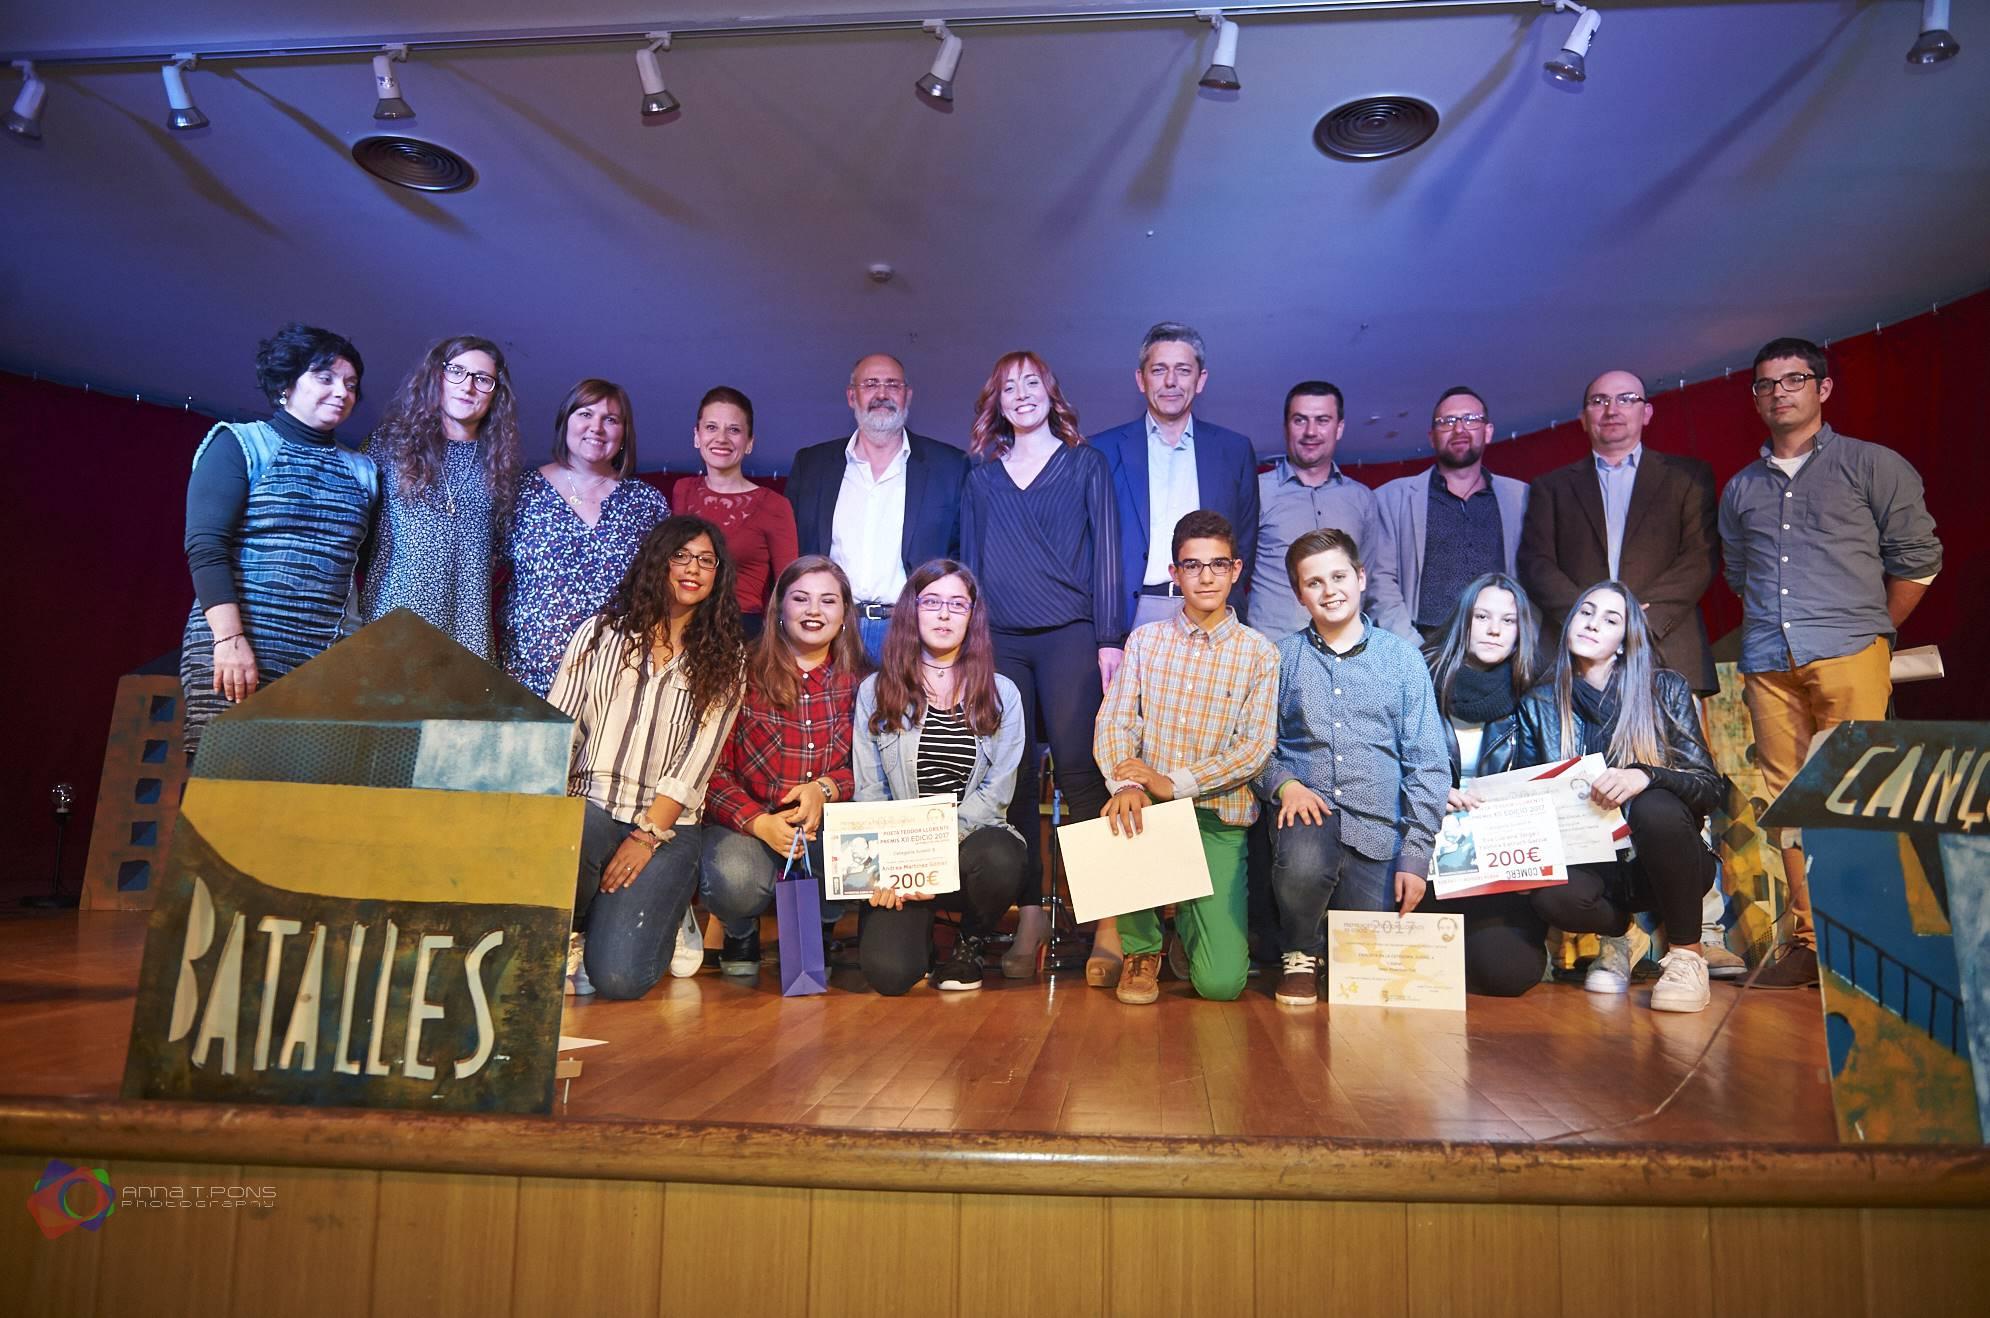 El Centre Social de la Pobla de Vallbona acollia divendres el lliurament dels Premis Poeta Teodor Llorente.